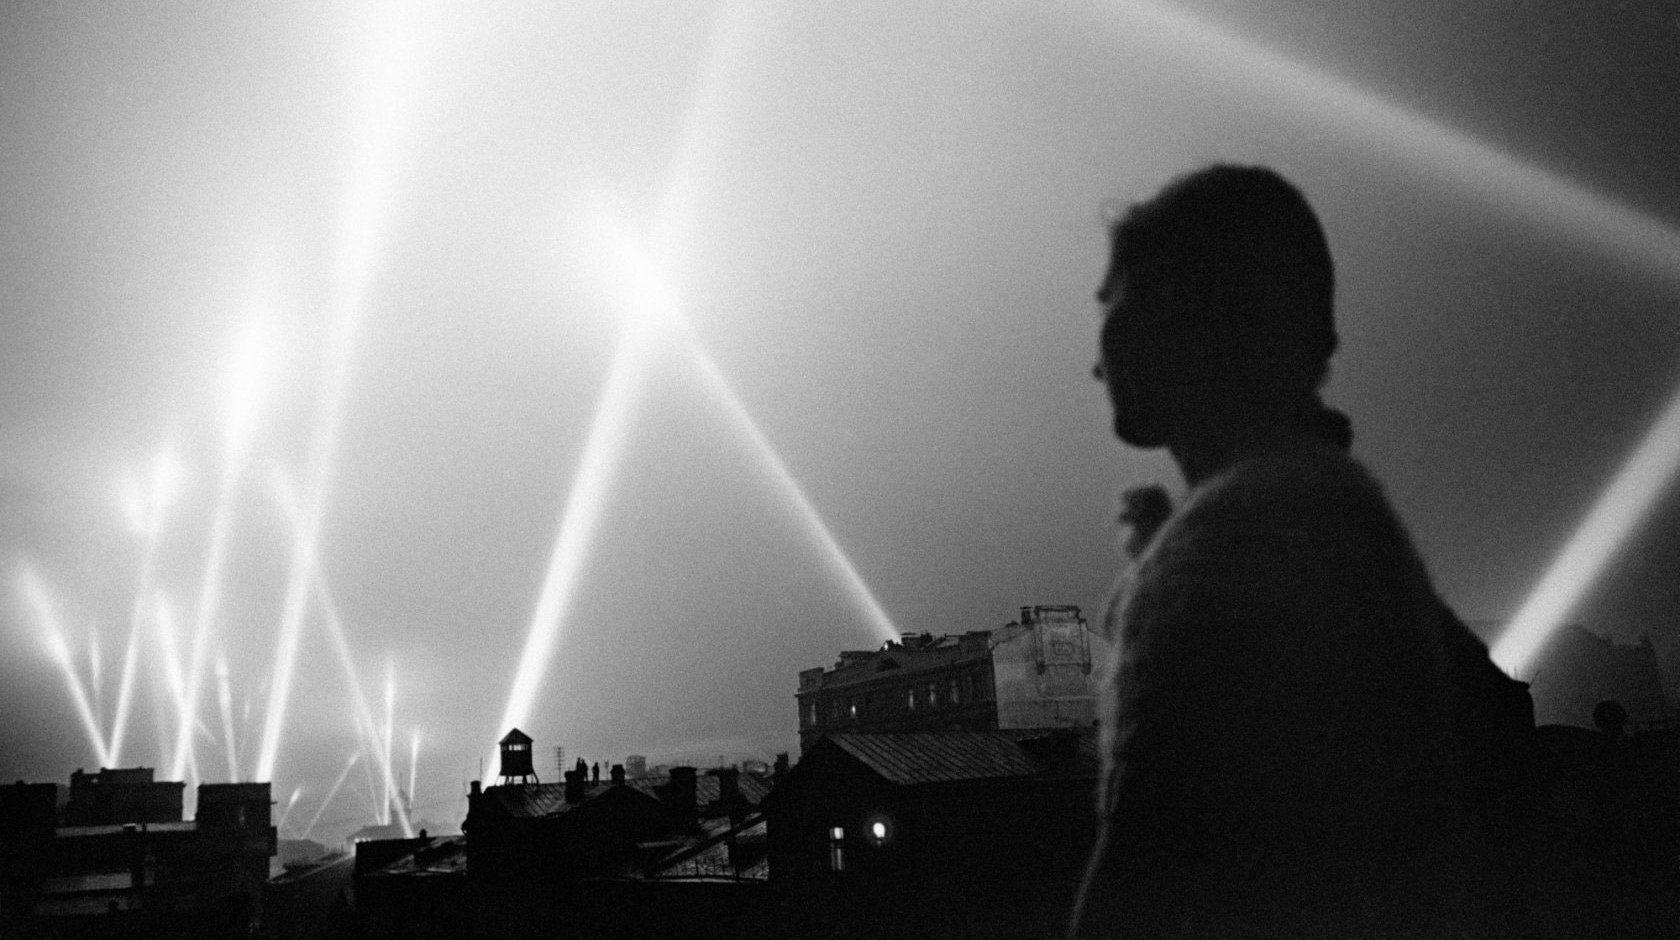 严阵以待准备抗敌,1941年苏德战争爆发后的苏联莫斯科